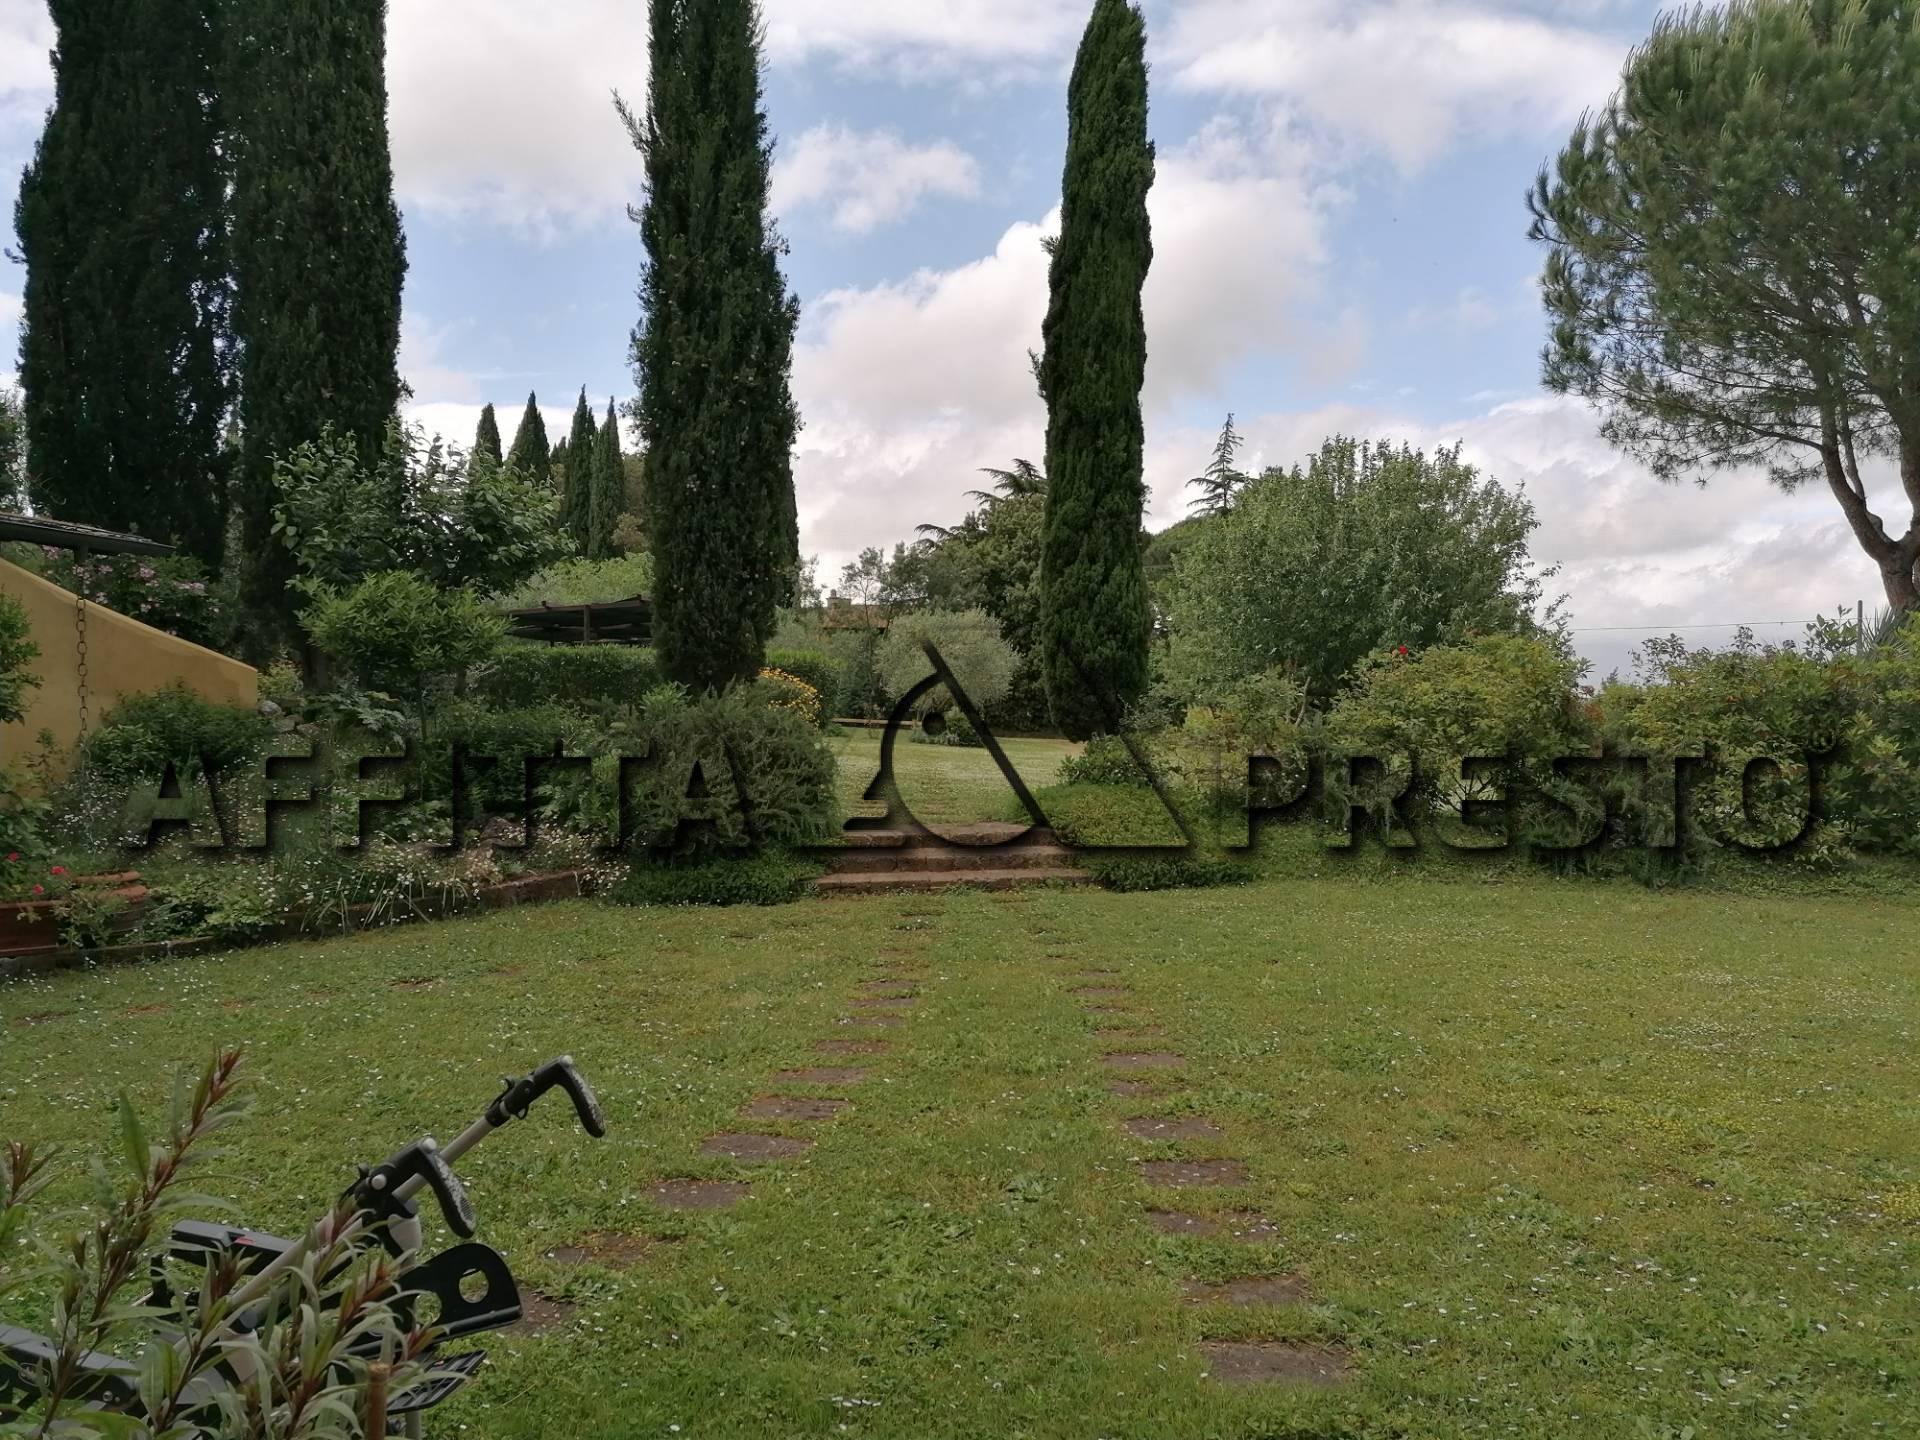 Appartamento in affitto a Fauglia, 2 locali, zona Località: Fauglia, Trattative riservate | CambioCasa.it